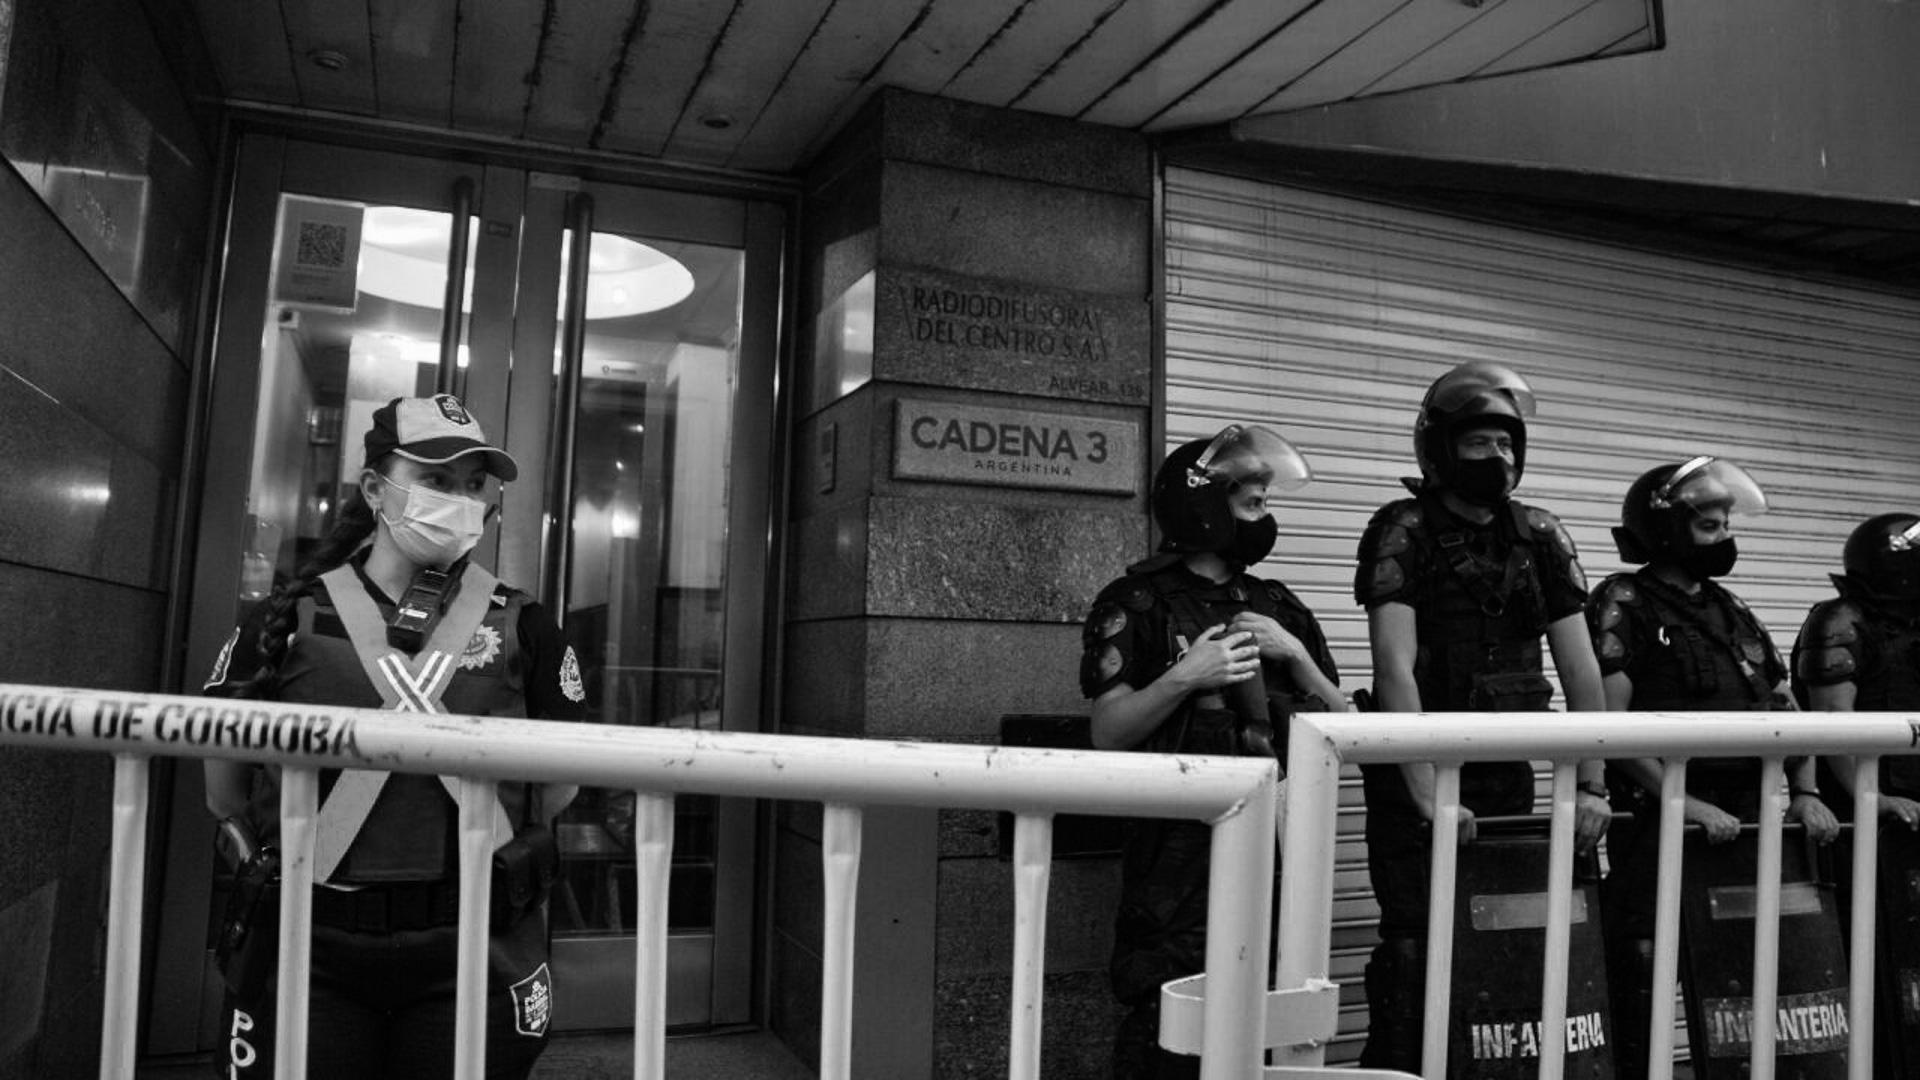 movilización-tehuel-córdoba-policía-cadena-3